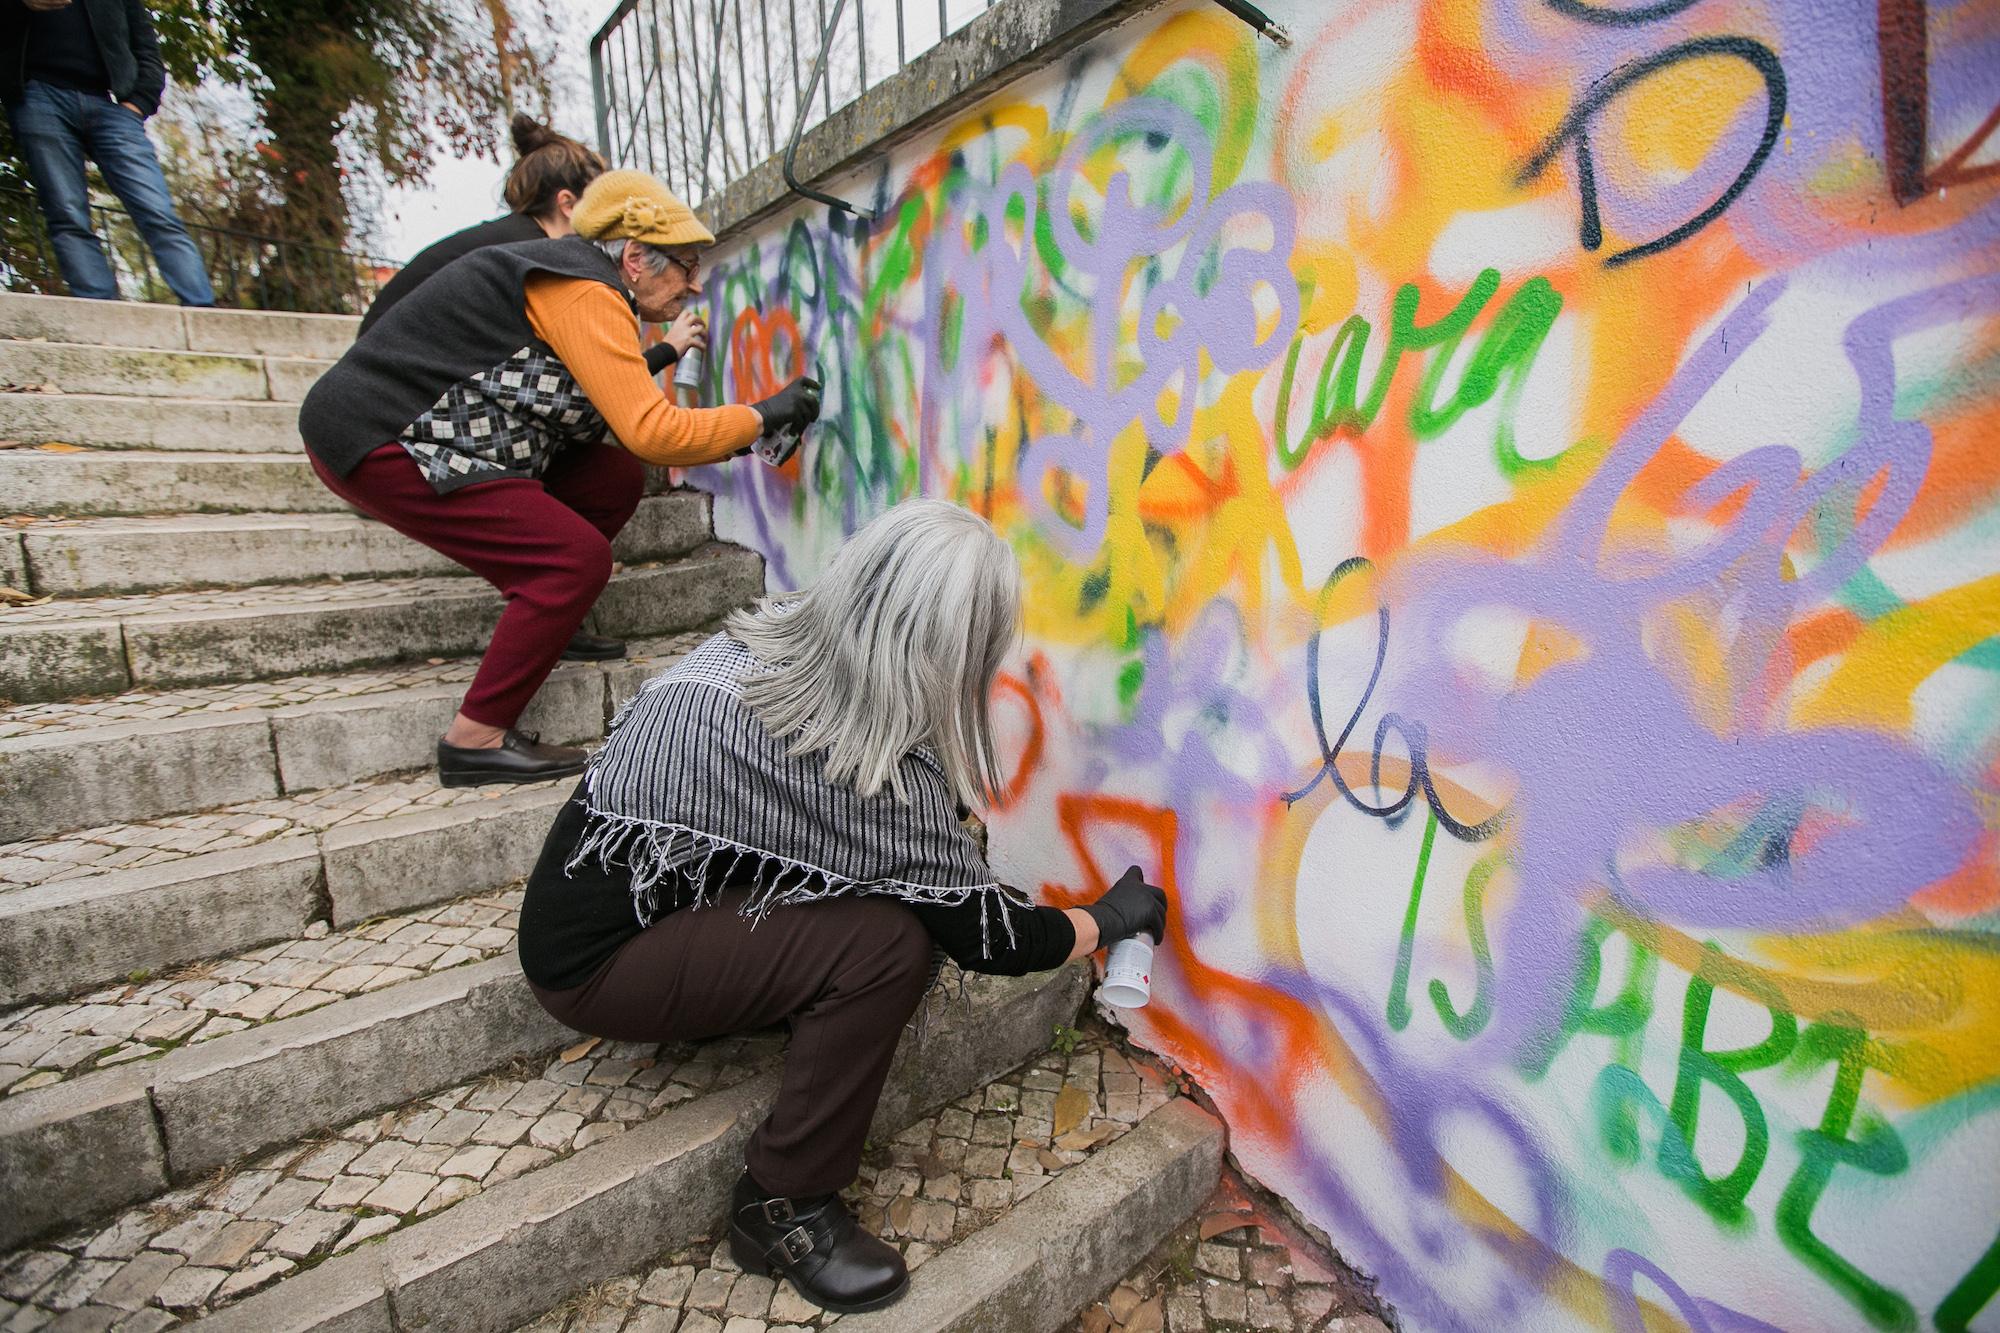 lata 65 lisbon, portugal street artists graffiti